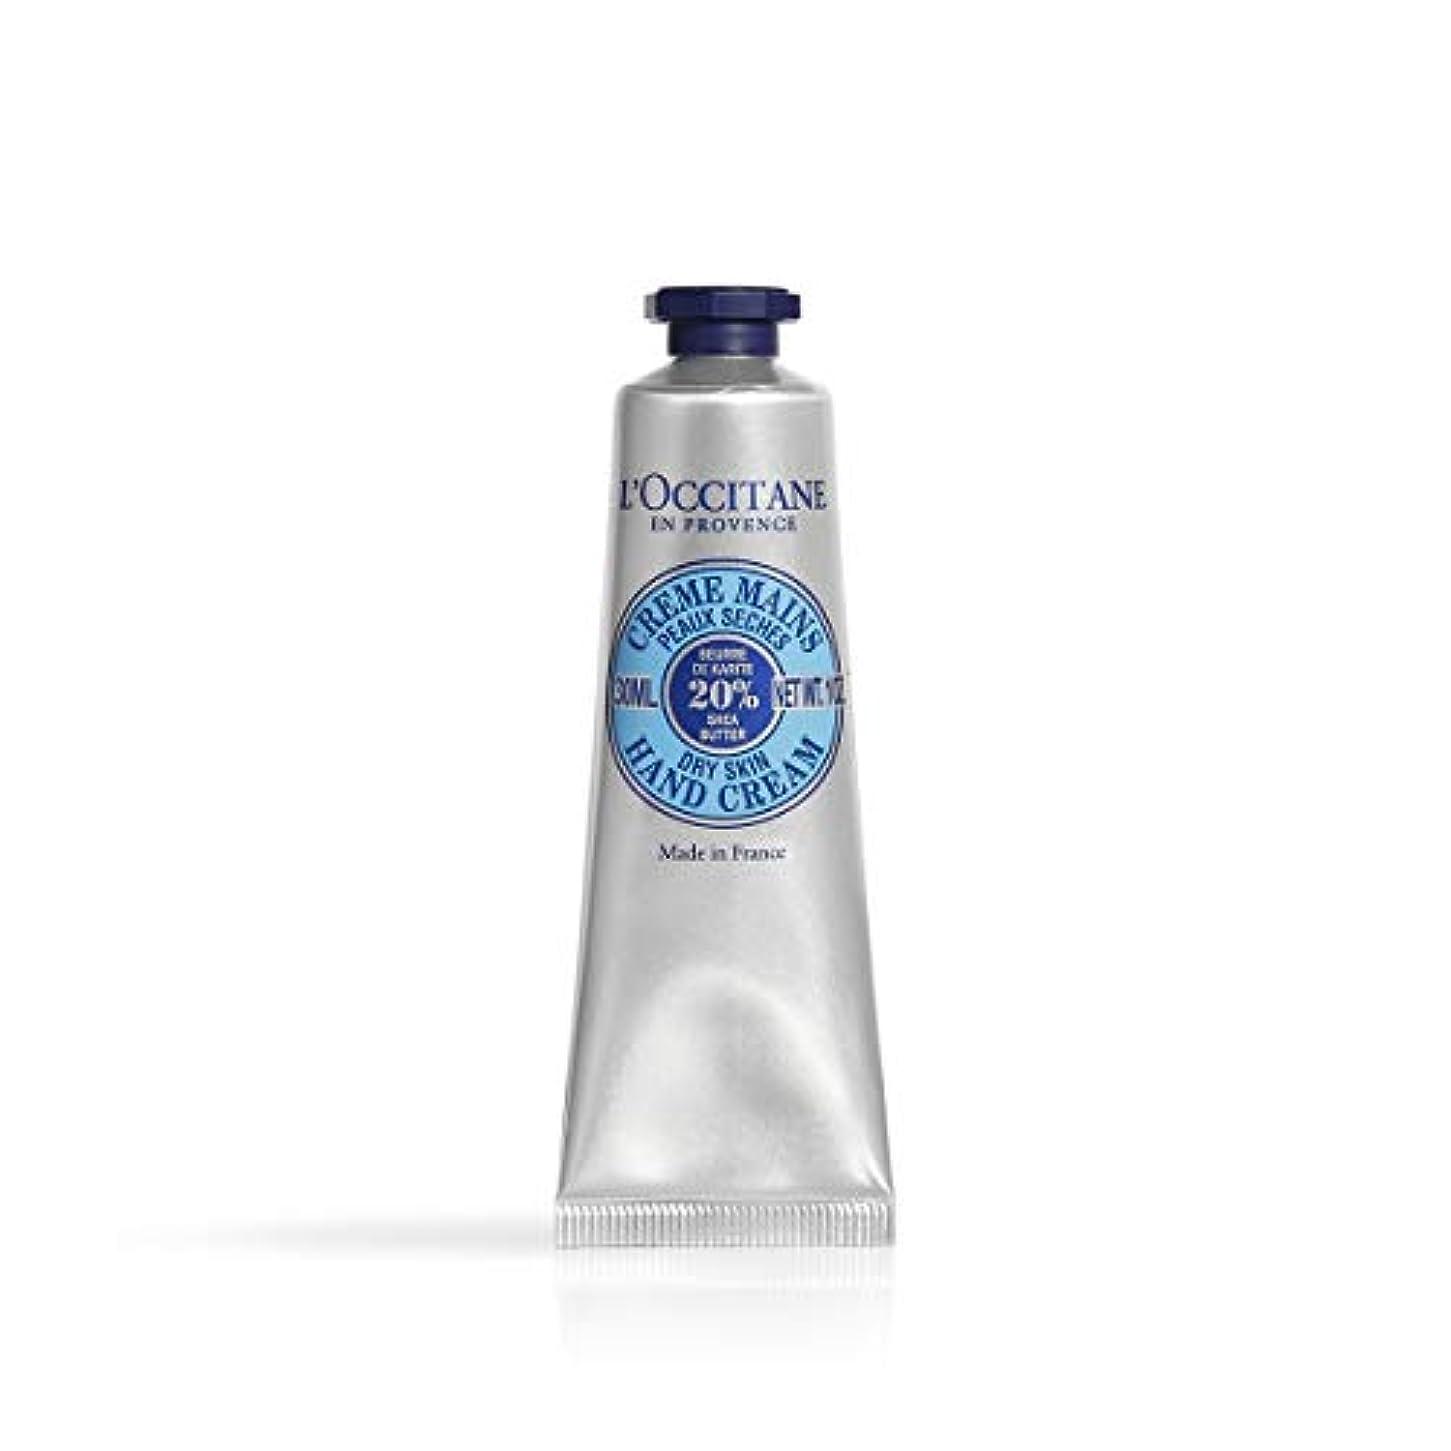 コストチーター不機嫌ロクシタン(L'OCCITANE) シア ハンドクリーム 30ml